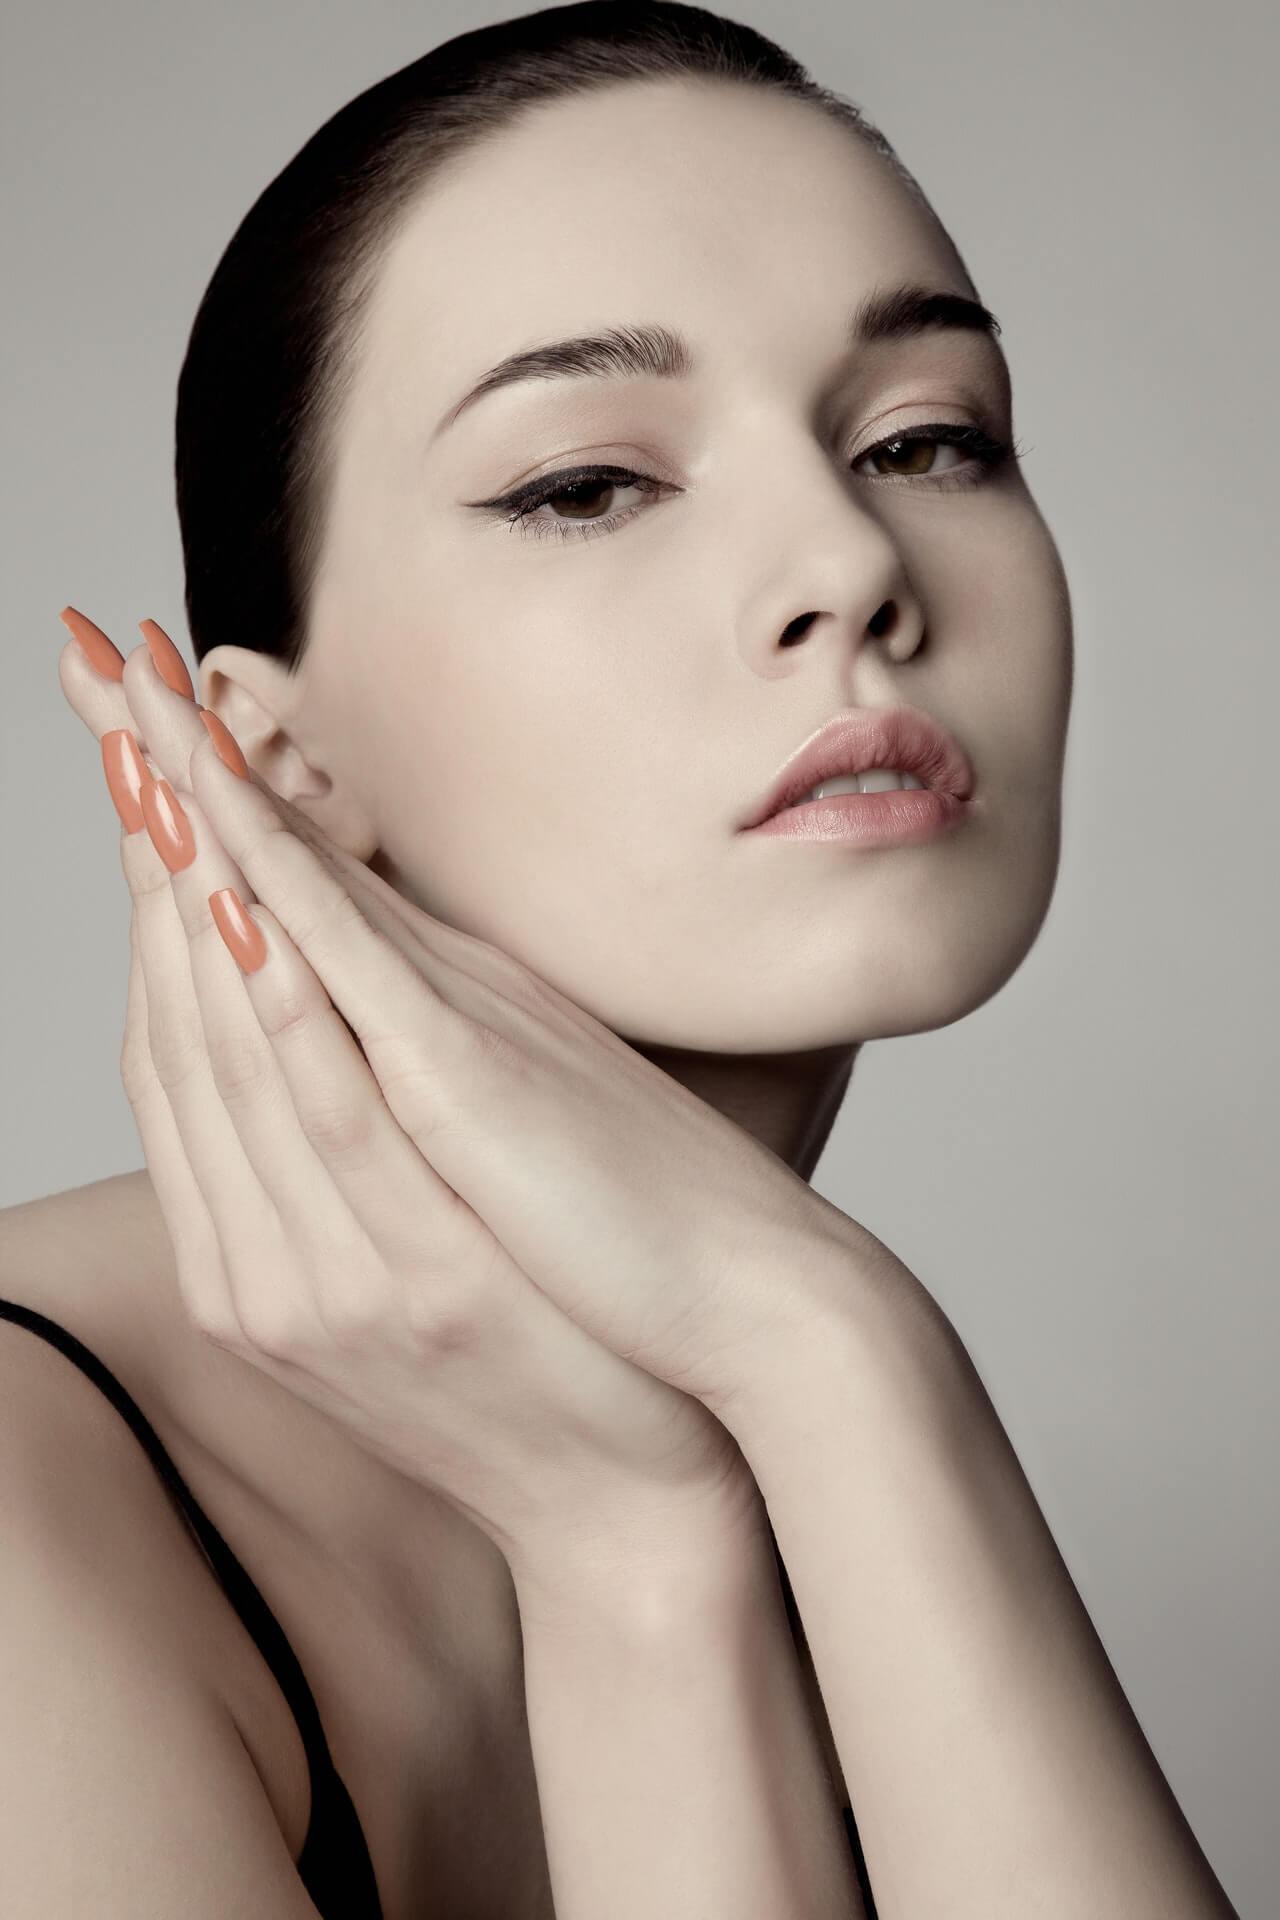 Aumento de labios: cuidados antes y después